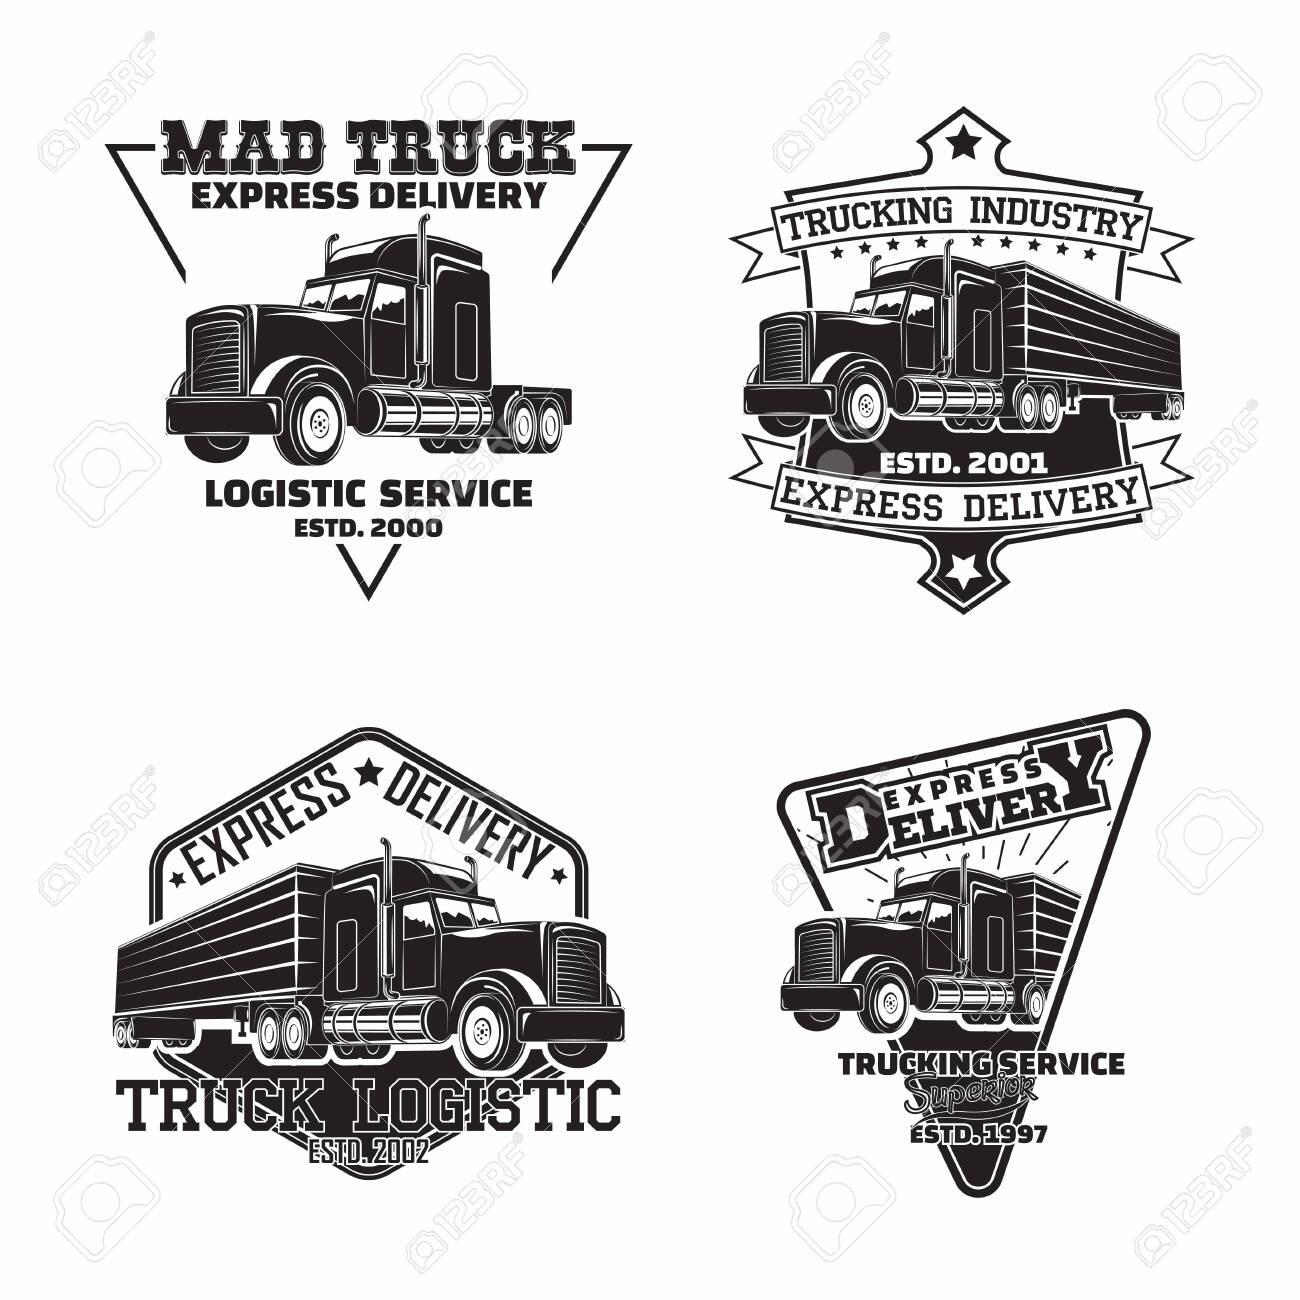 Set of trucking company vintage emblem designs - 156729131